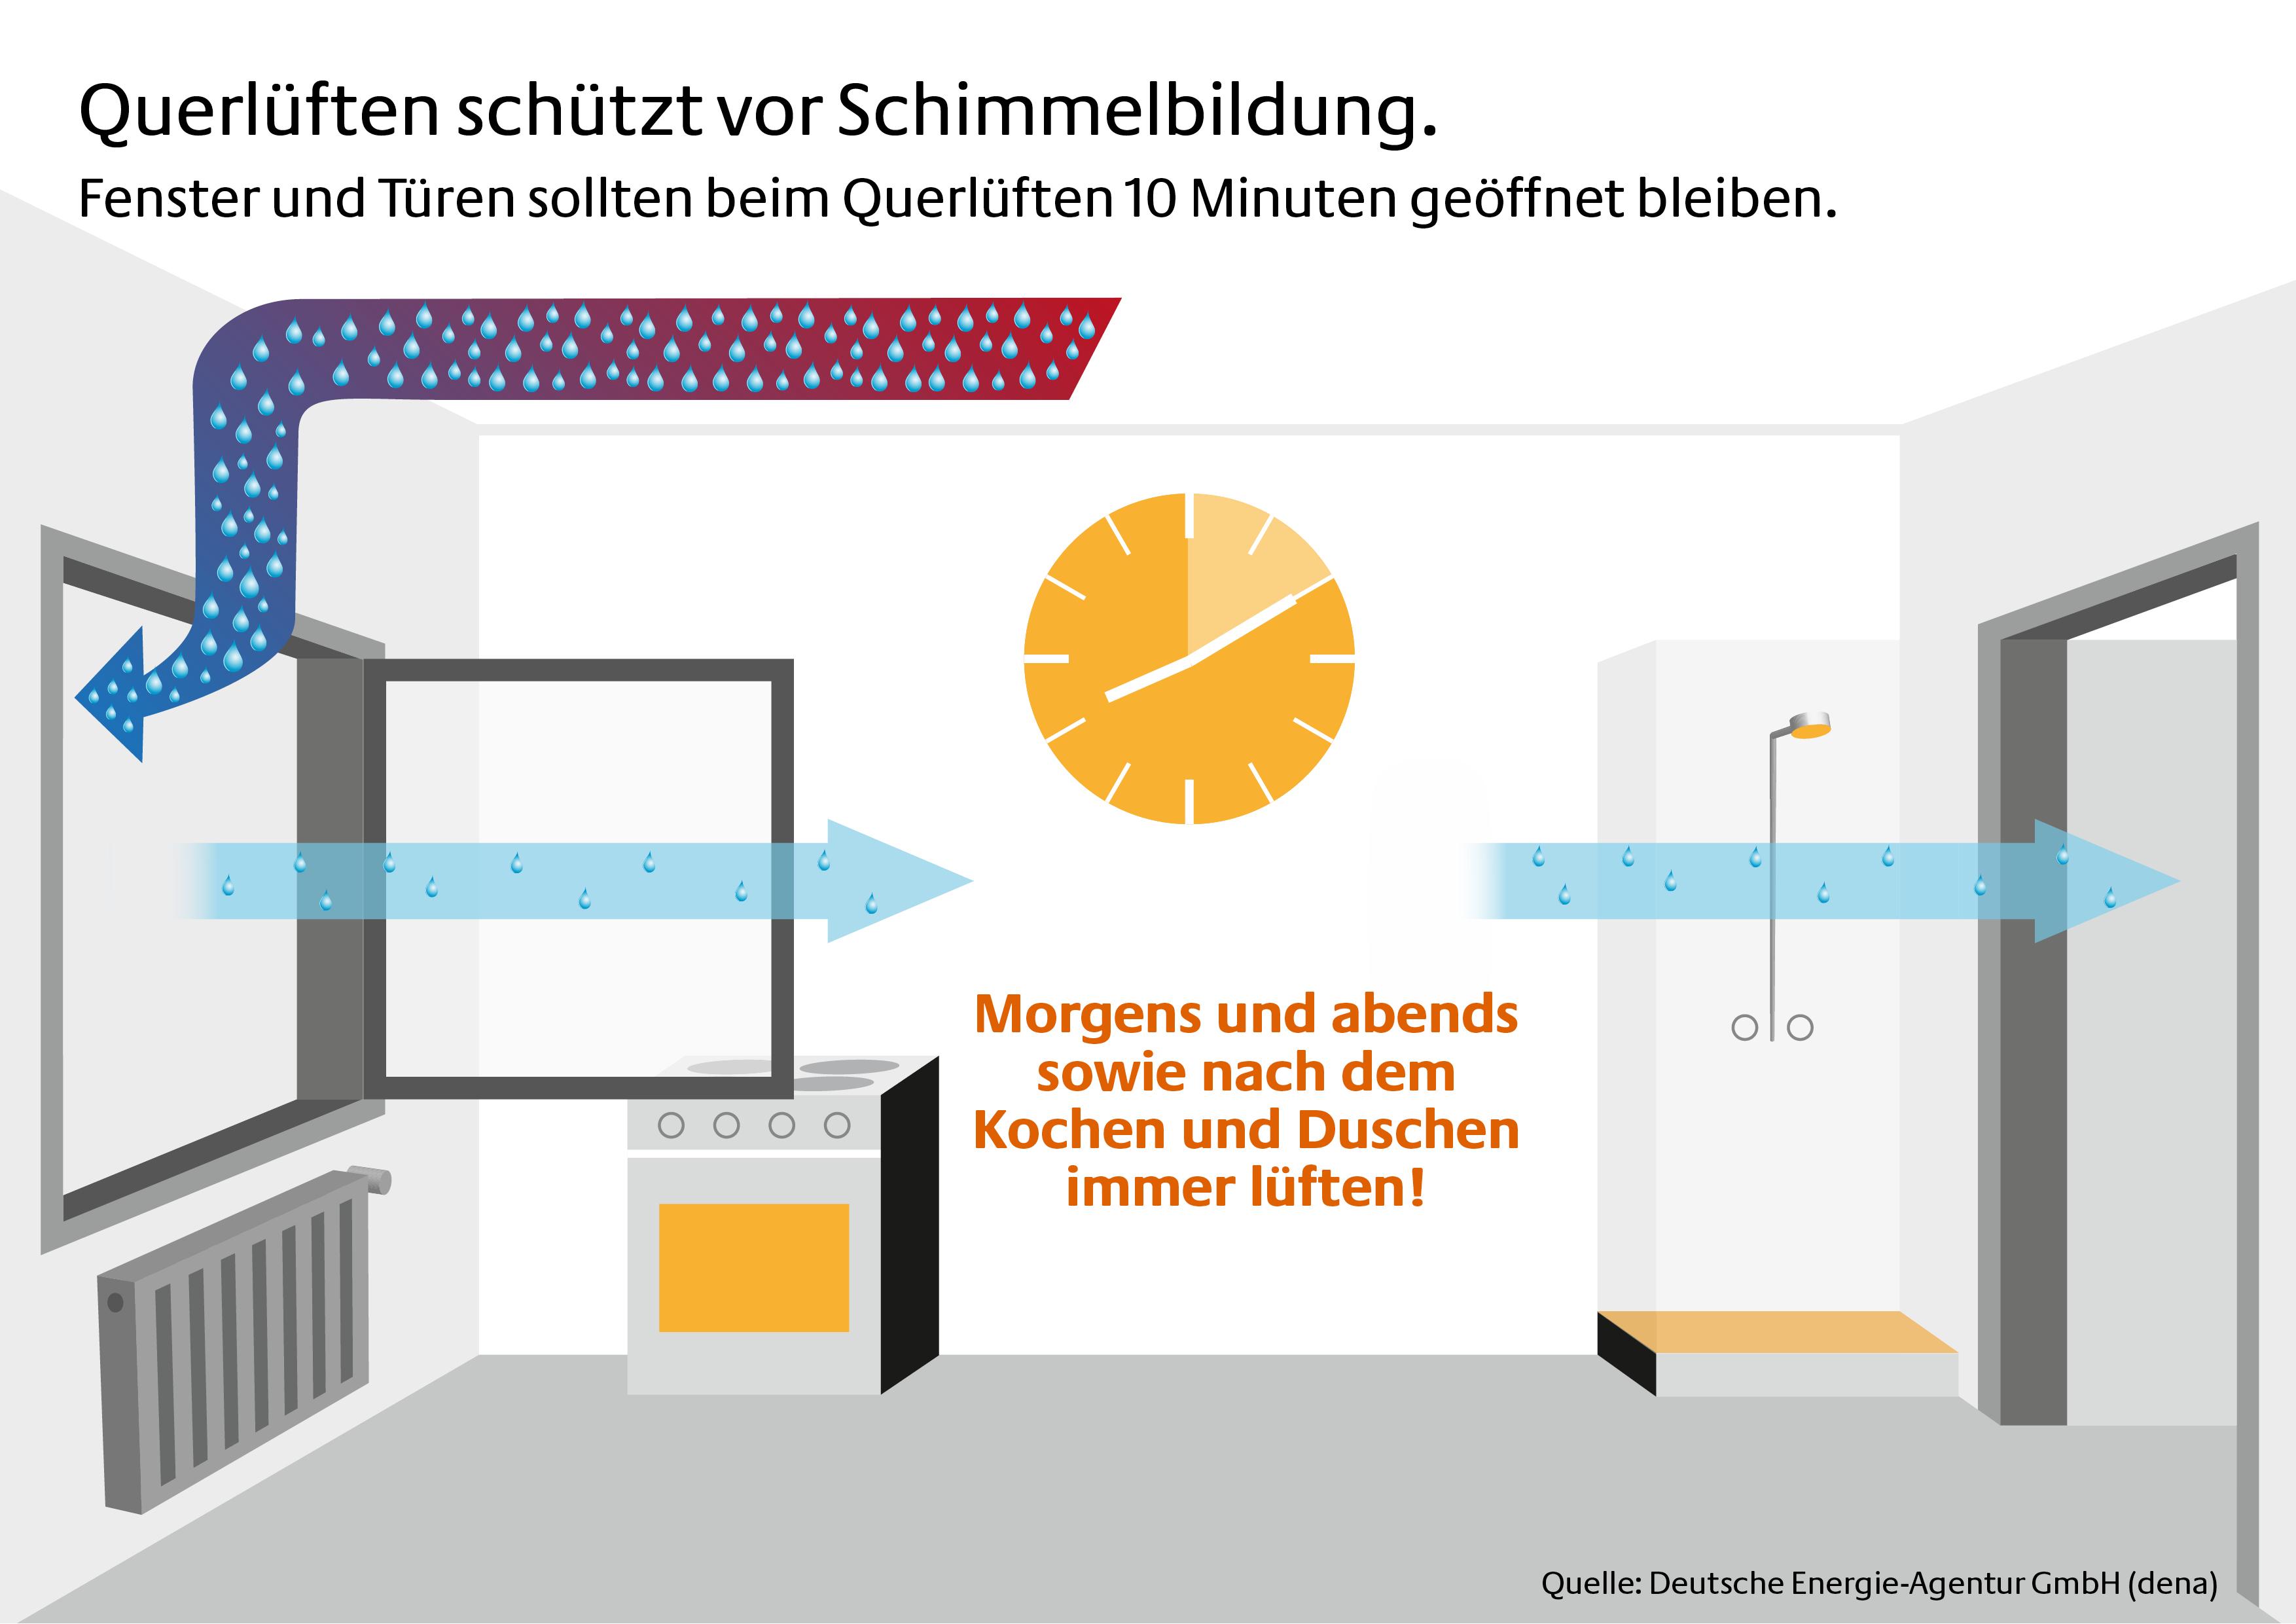 schimmelfrei durch den winter dena gibt tipps zum. Black Bedroom Furniture Sets. Home Design Ideas